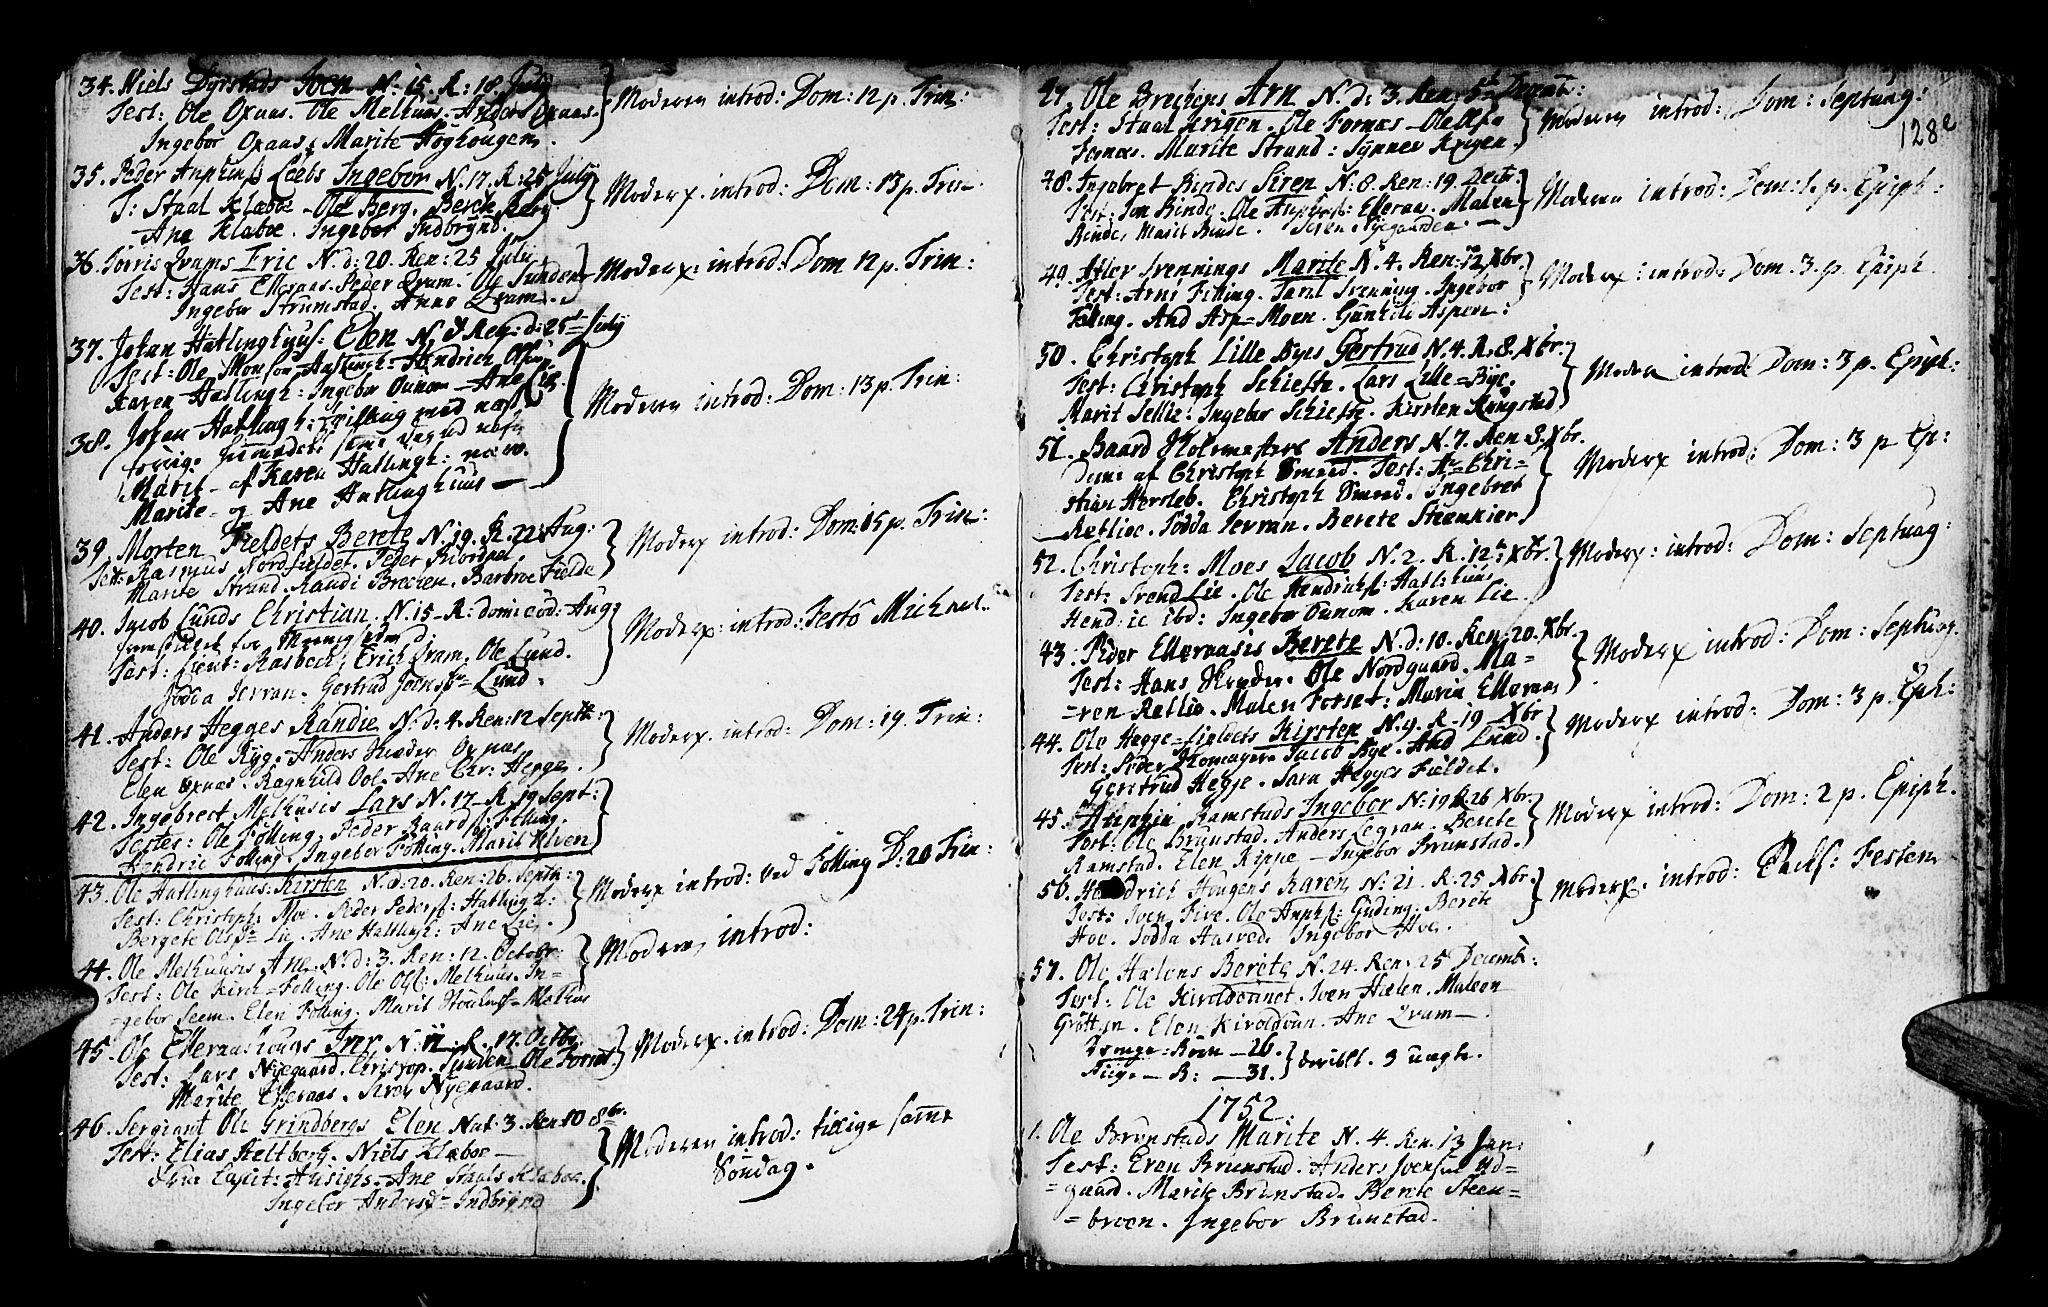 SAT, Ministerialprotokoller, klokkerbøker og fødselsregistre - Nord-Trøndelag, 746/L0439: Ministerialbok nr. 746A01, 1688-1759, s. 128e